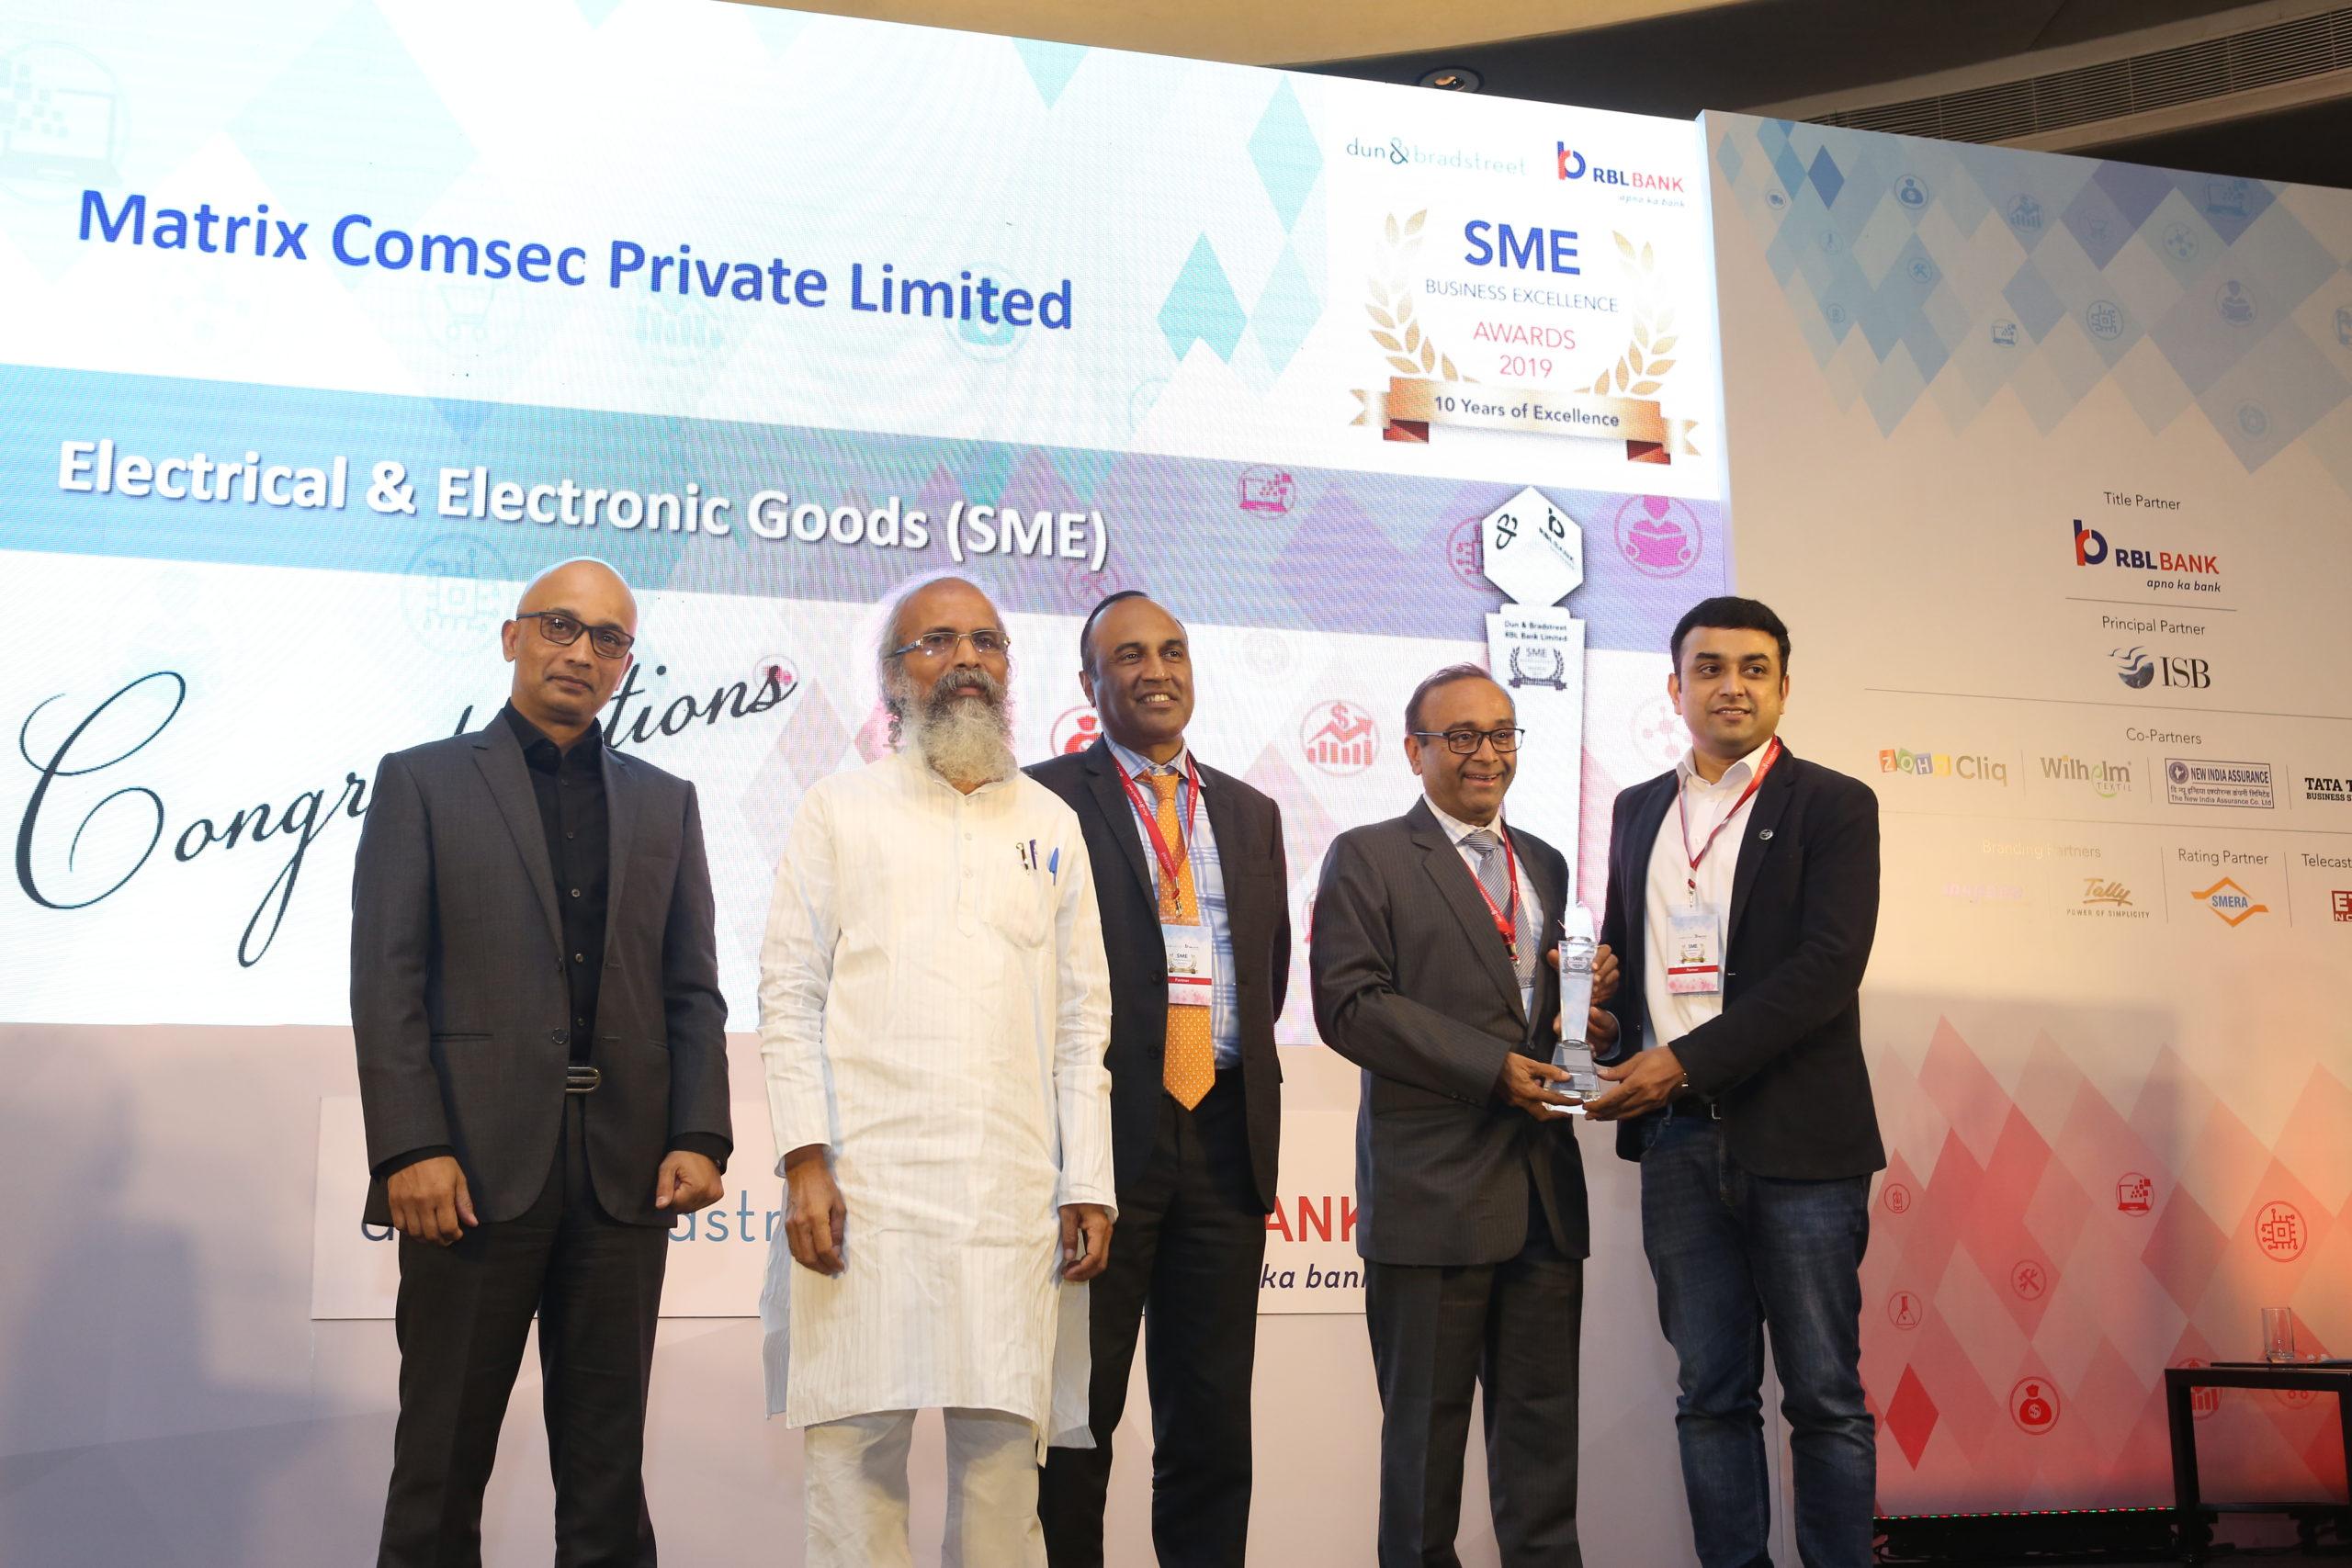 SME Business Execellence Awards